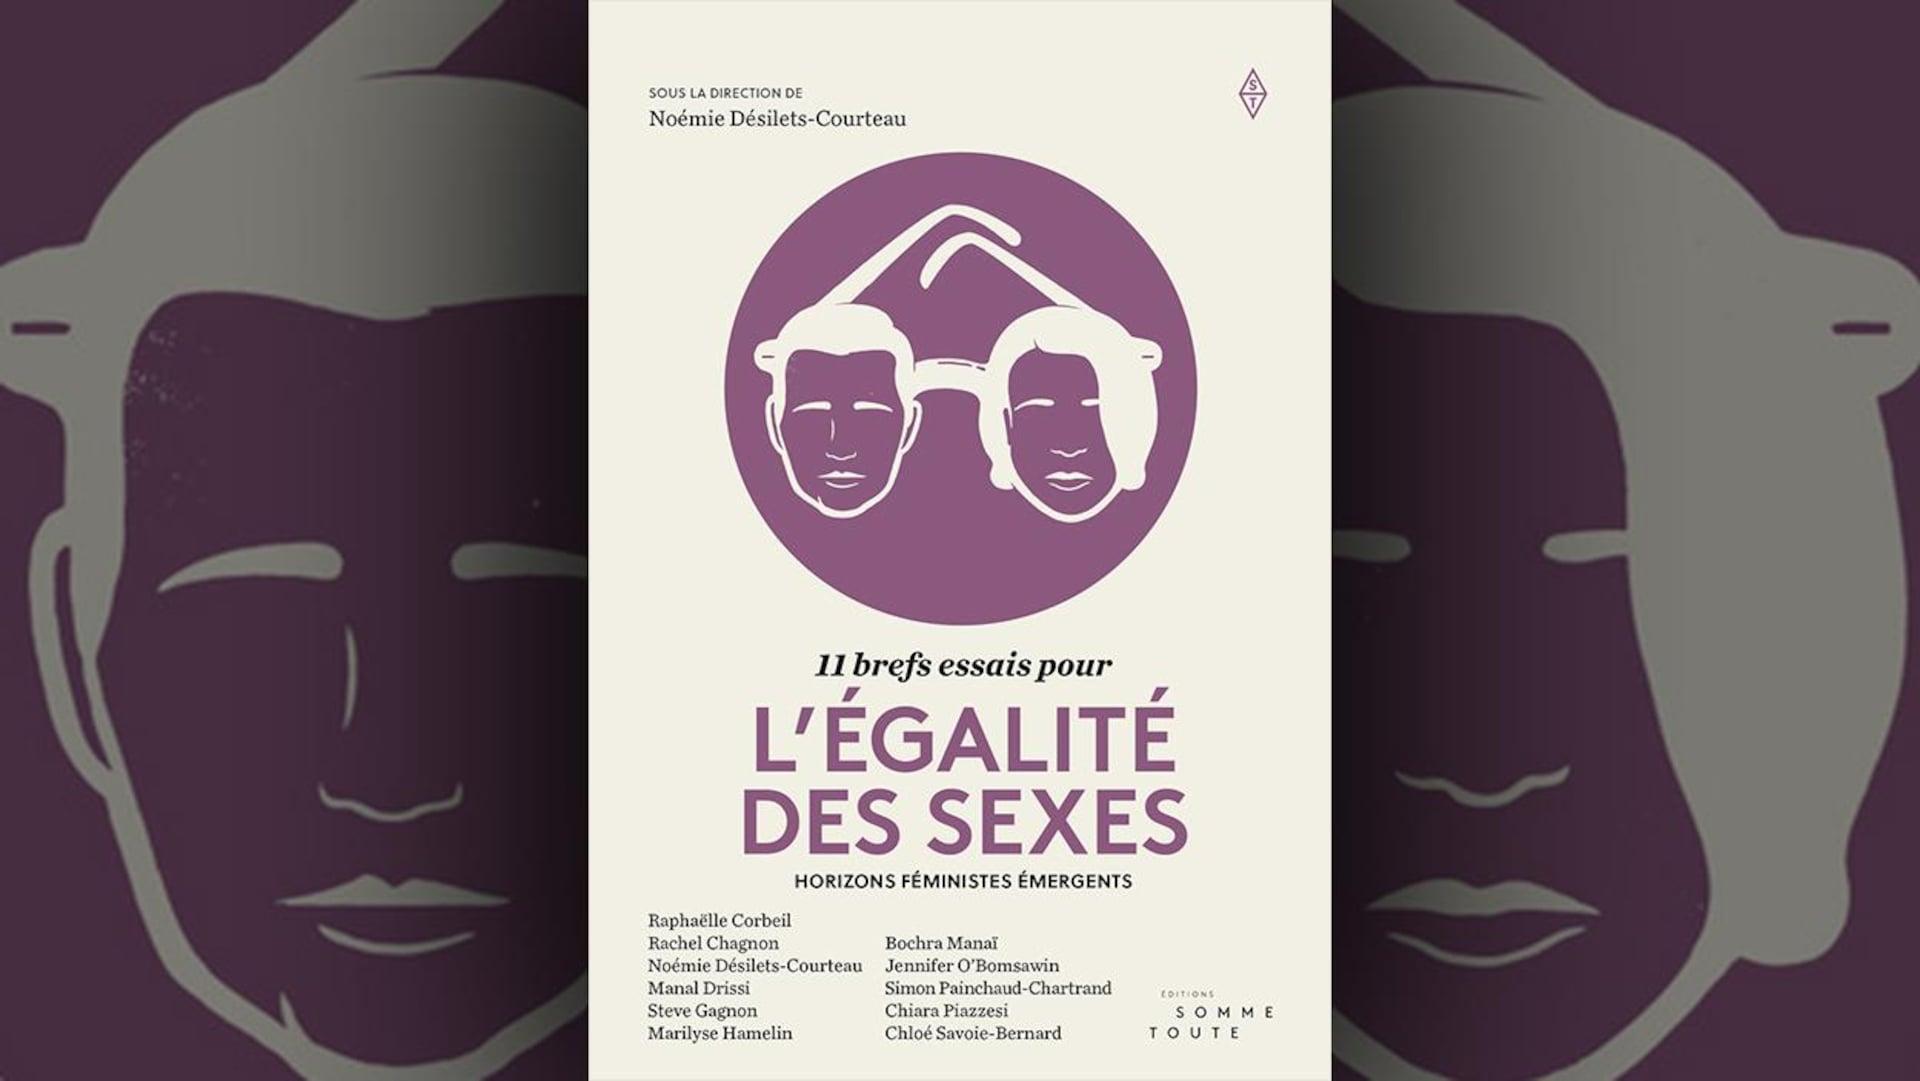 Sur la couverture du livre  11 brefs essais pour l'égalité des sexes  sous la direction de Noémie Désilets Courteau, il y a dans un cercle une illustration blanc cassé sur fond violet d'une paire de lunettes. Le verre droit représente un visage d'homme stylisé, et le verre gauche, un visage de femme.